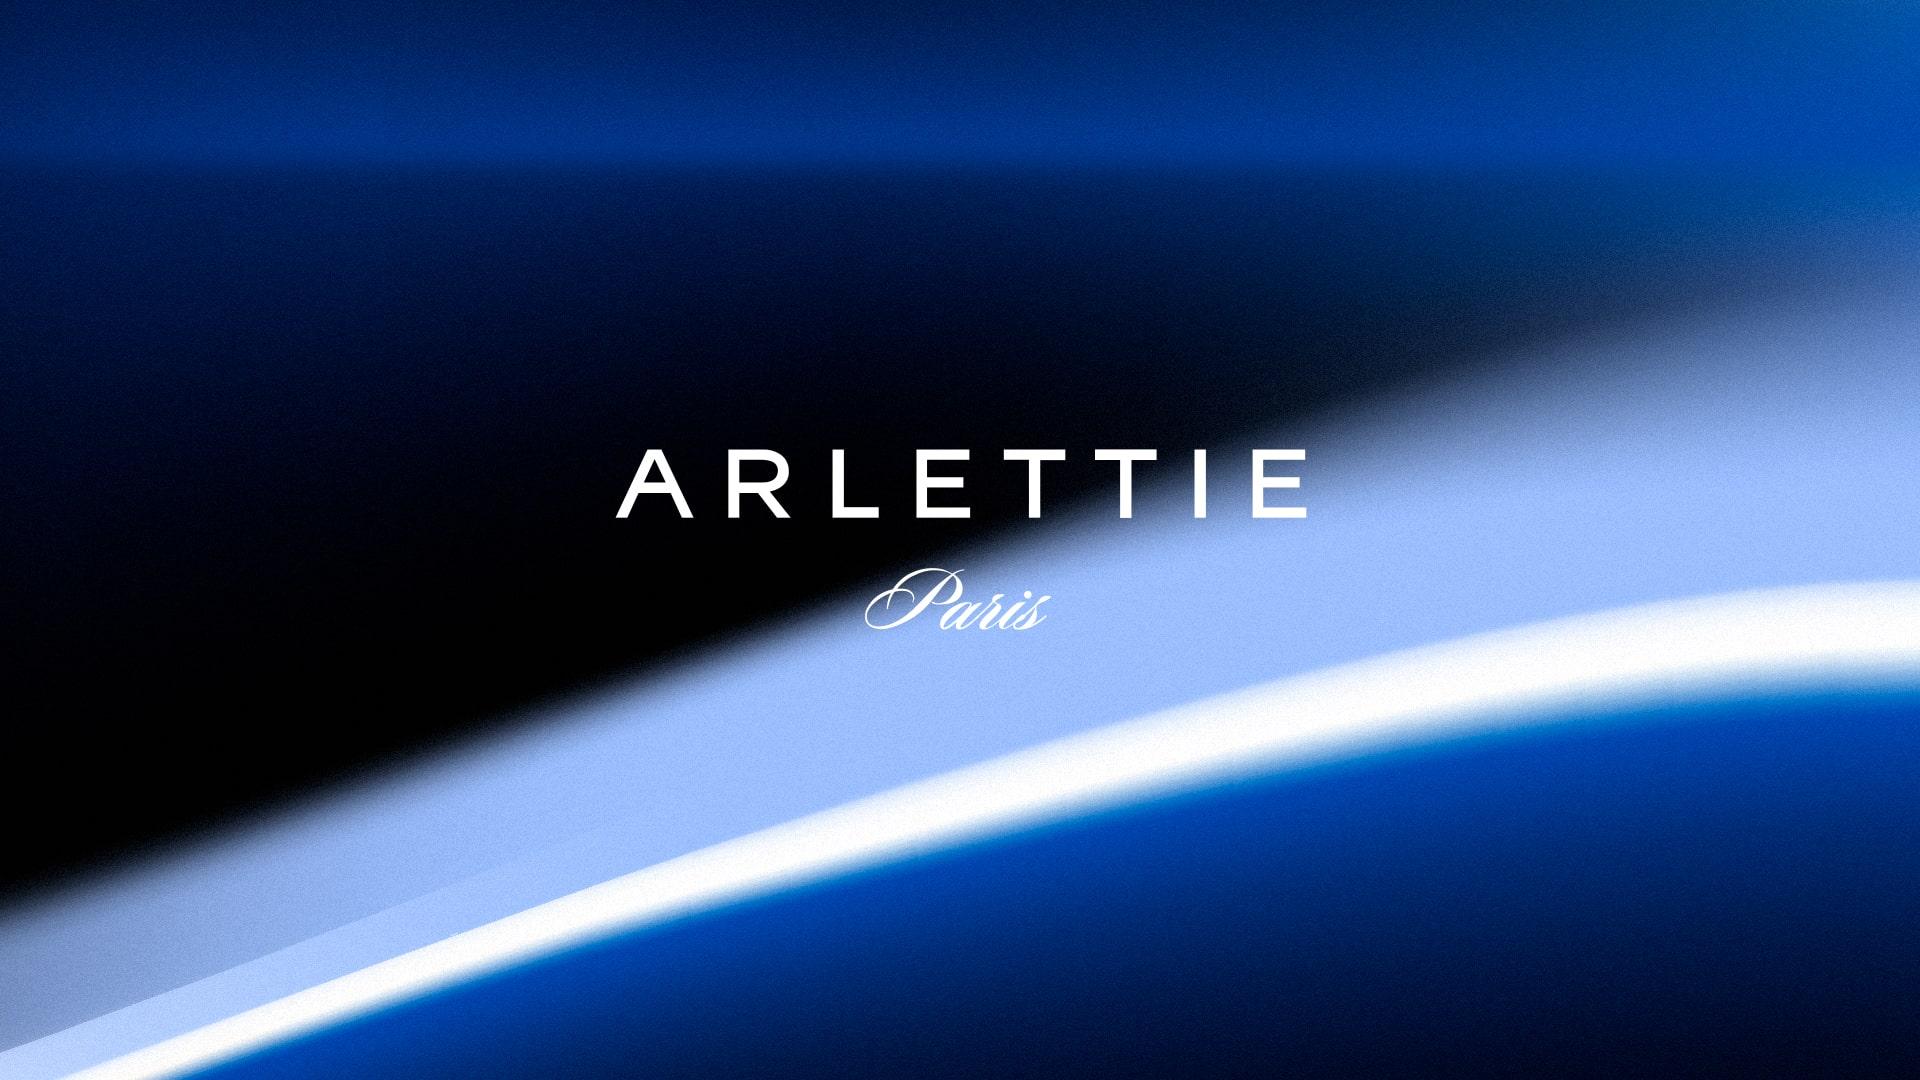 ARLETTIE_Works-min